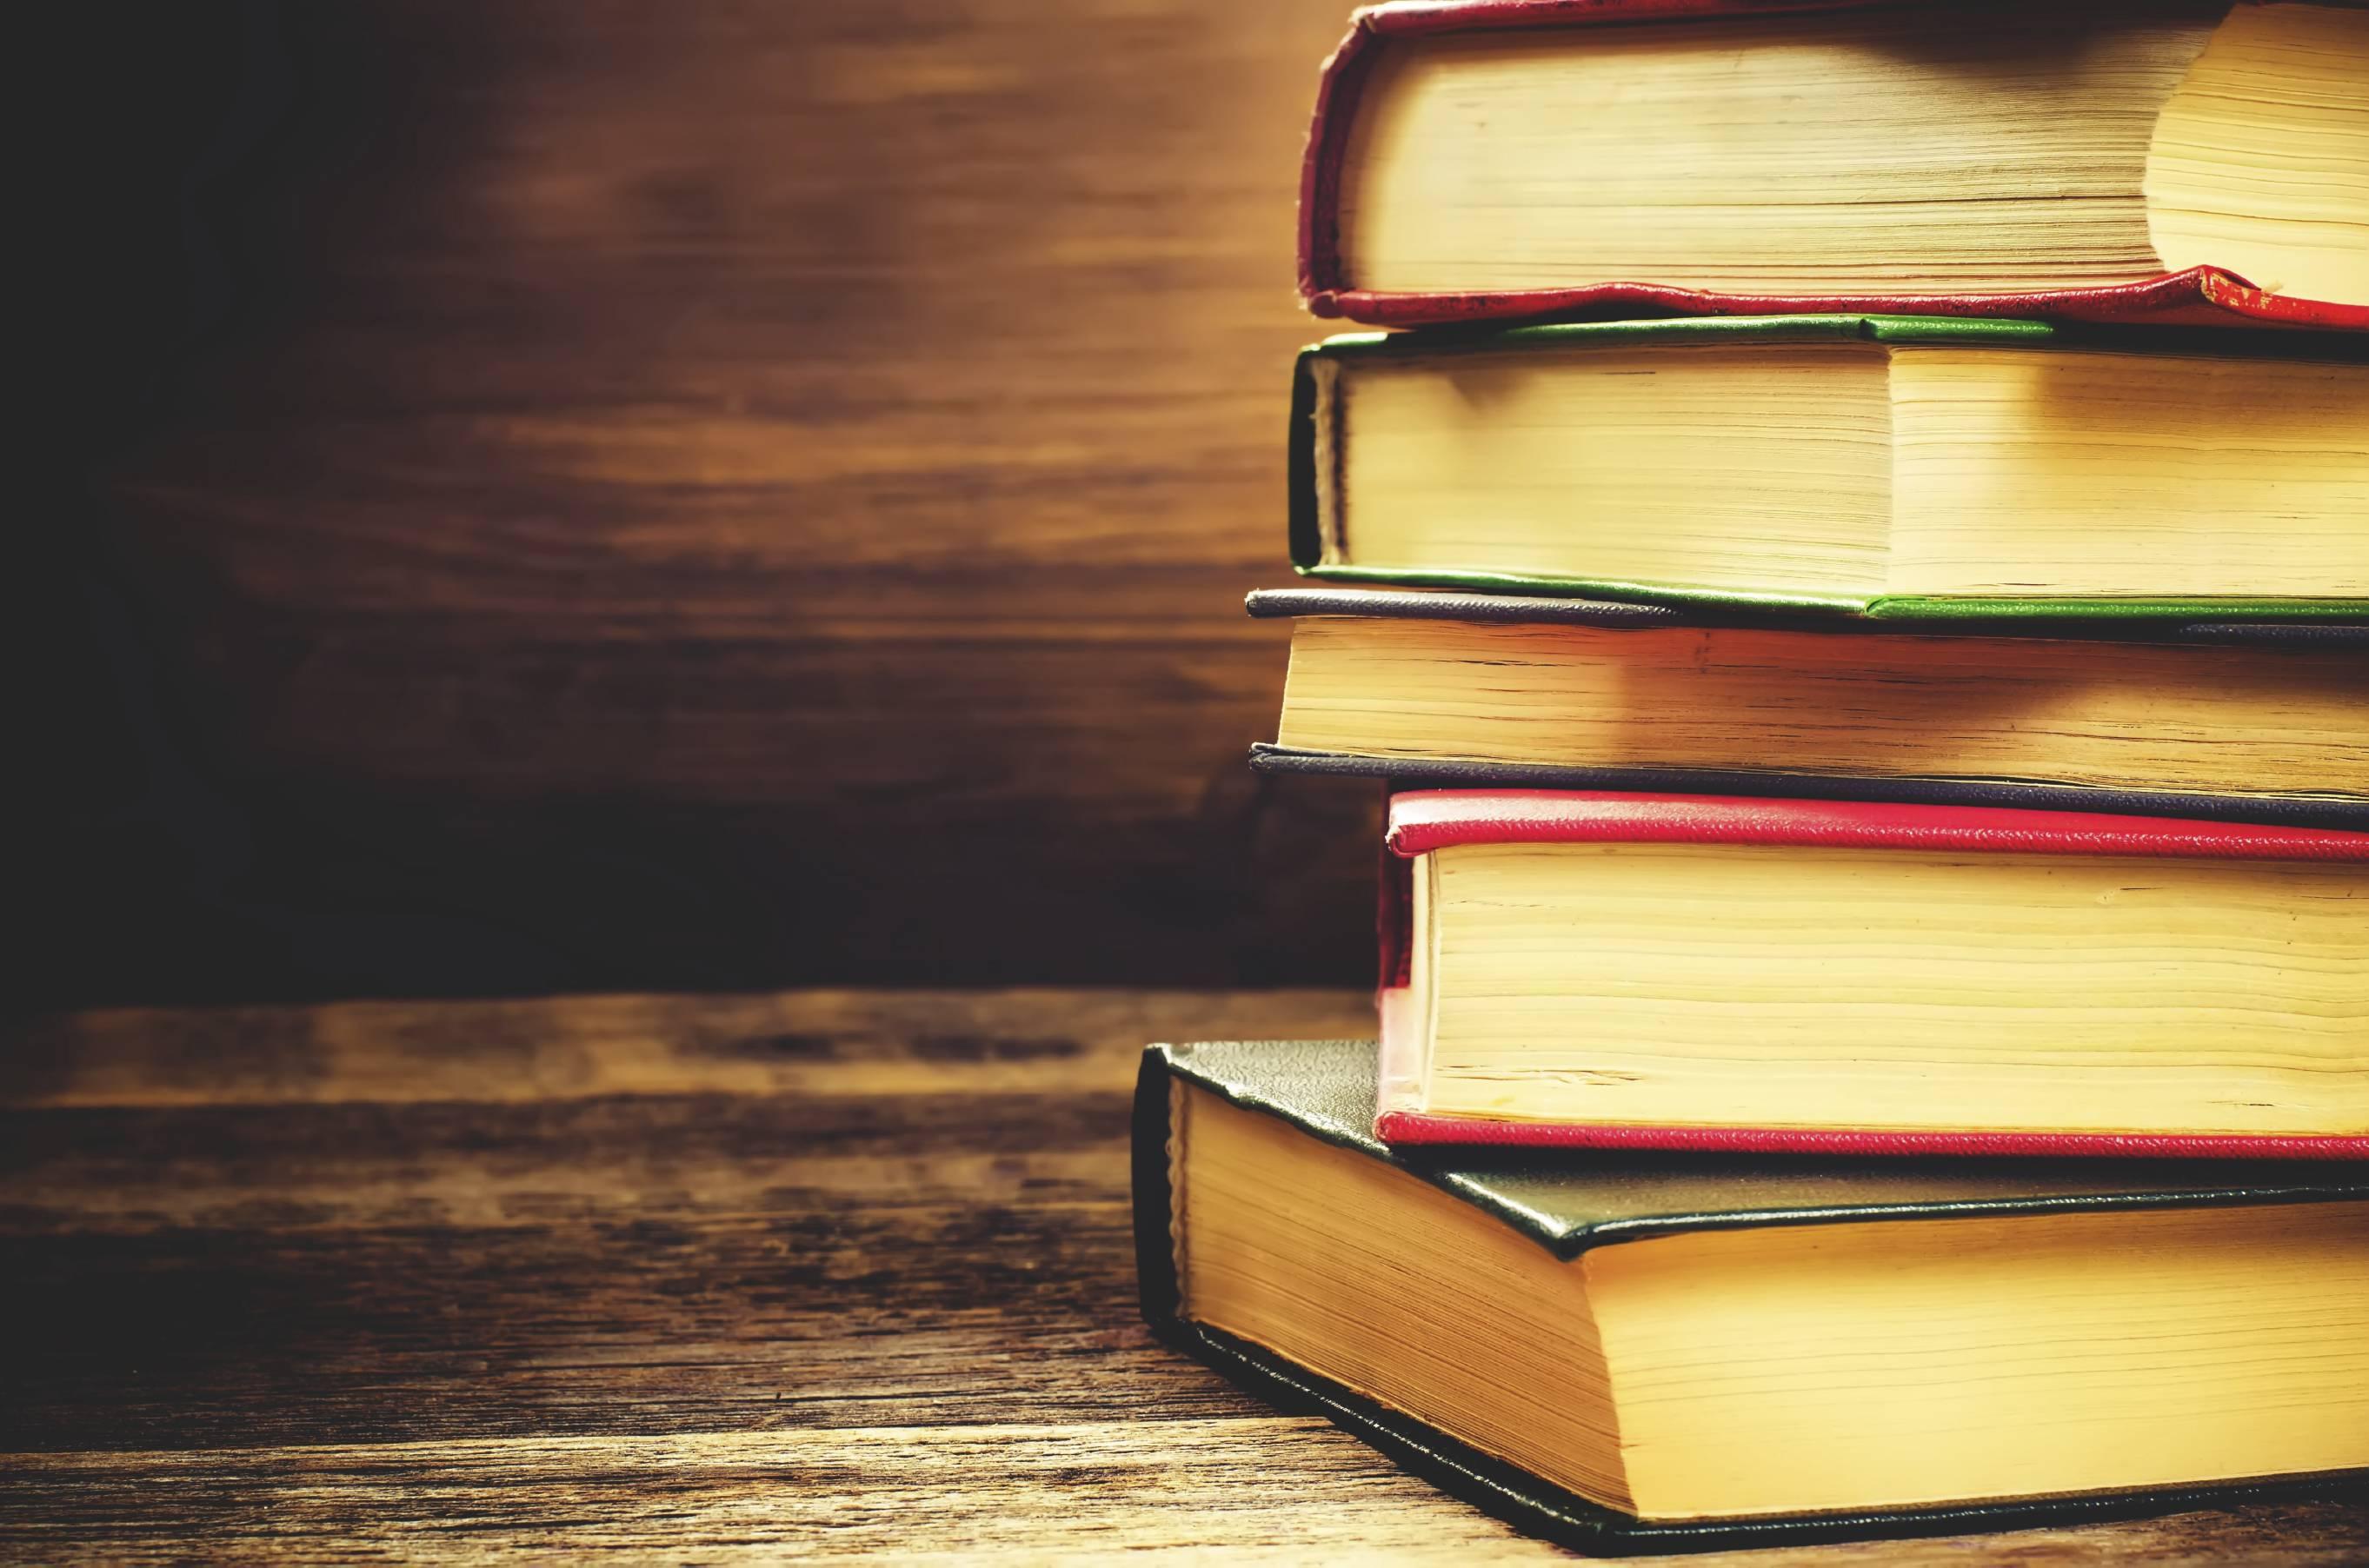 چگونه مخاطب را تشویق به خرید و خواندن کتاب کنیم؟